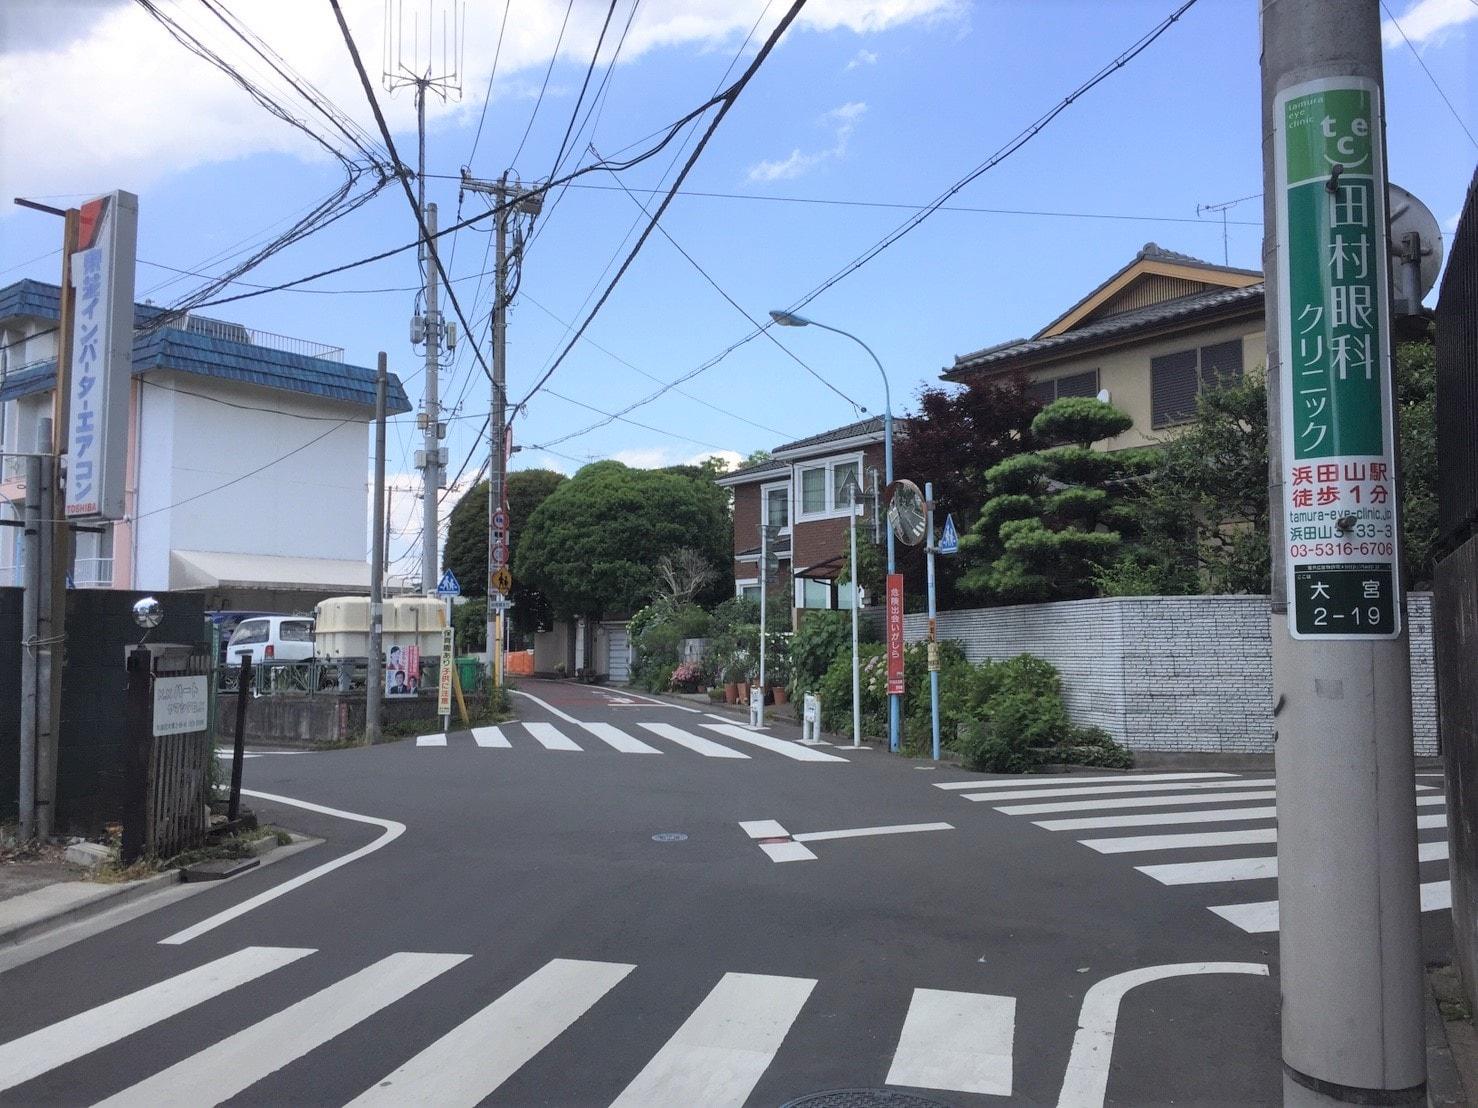 住宅街の道幅が広い通りの風景